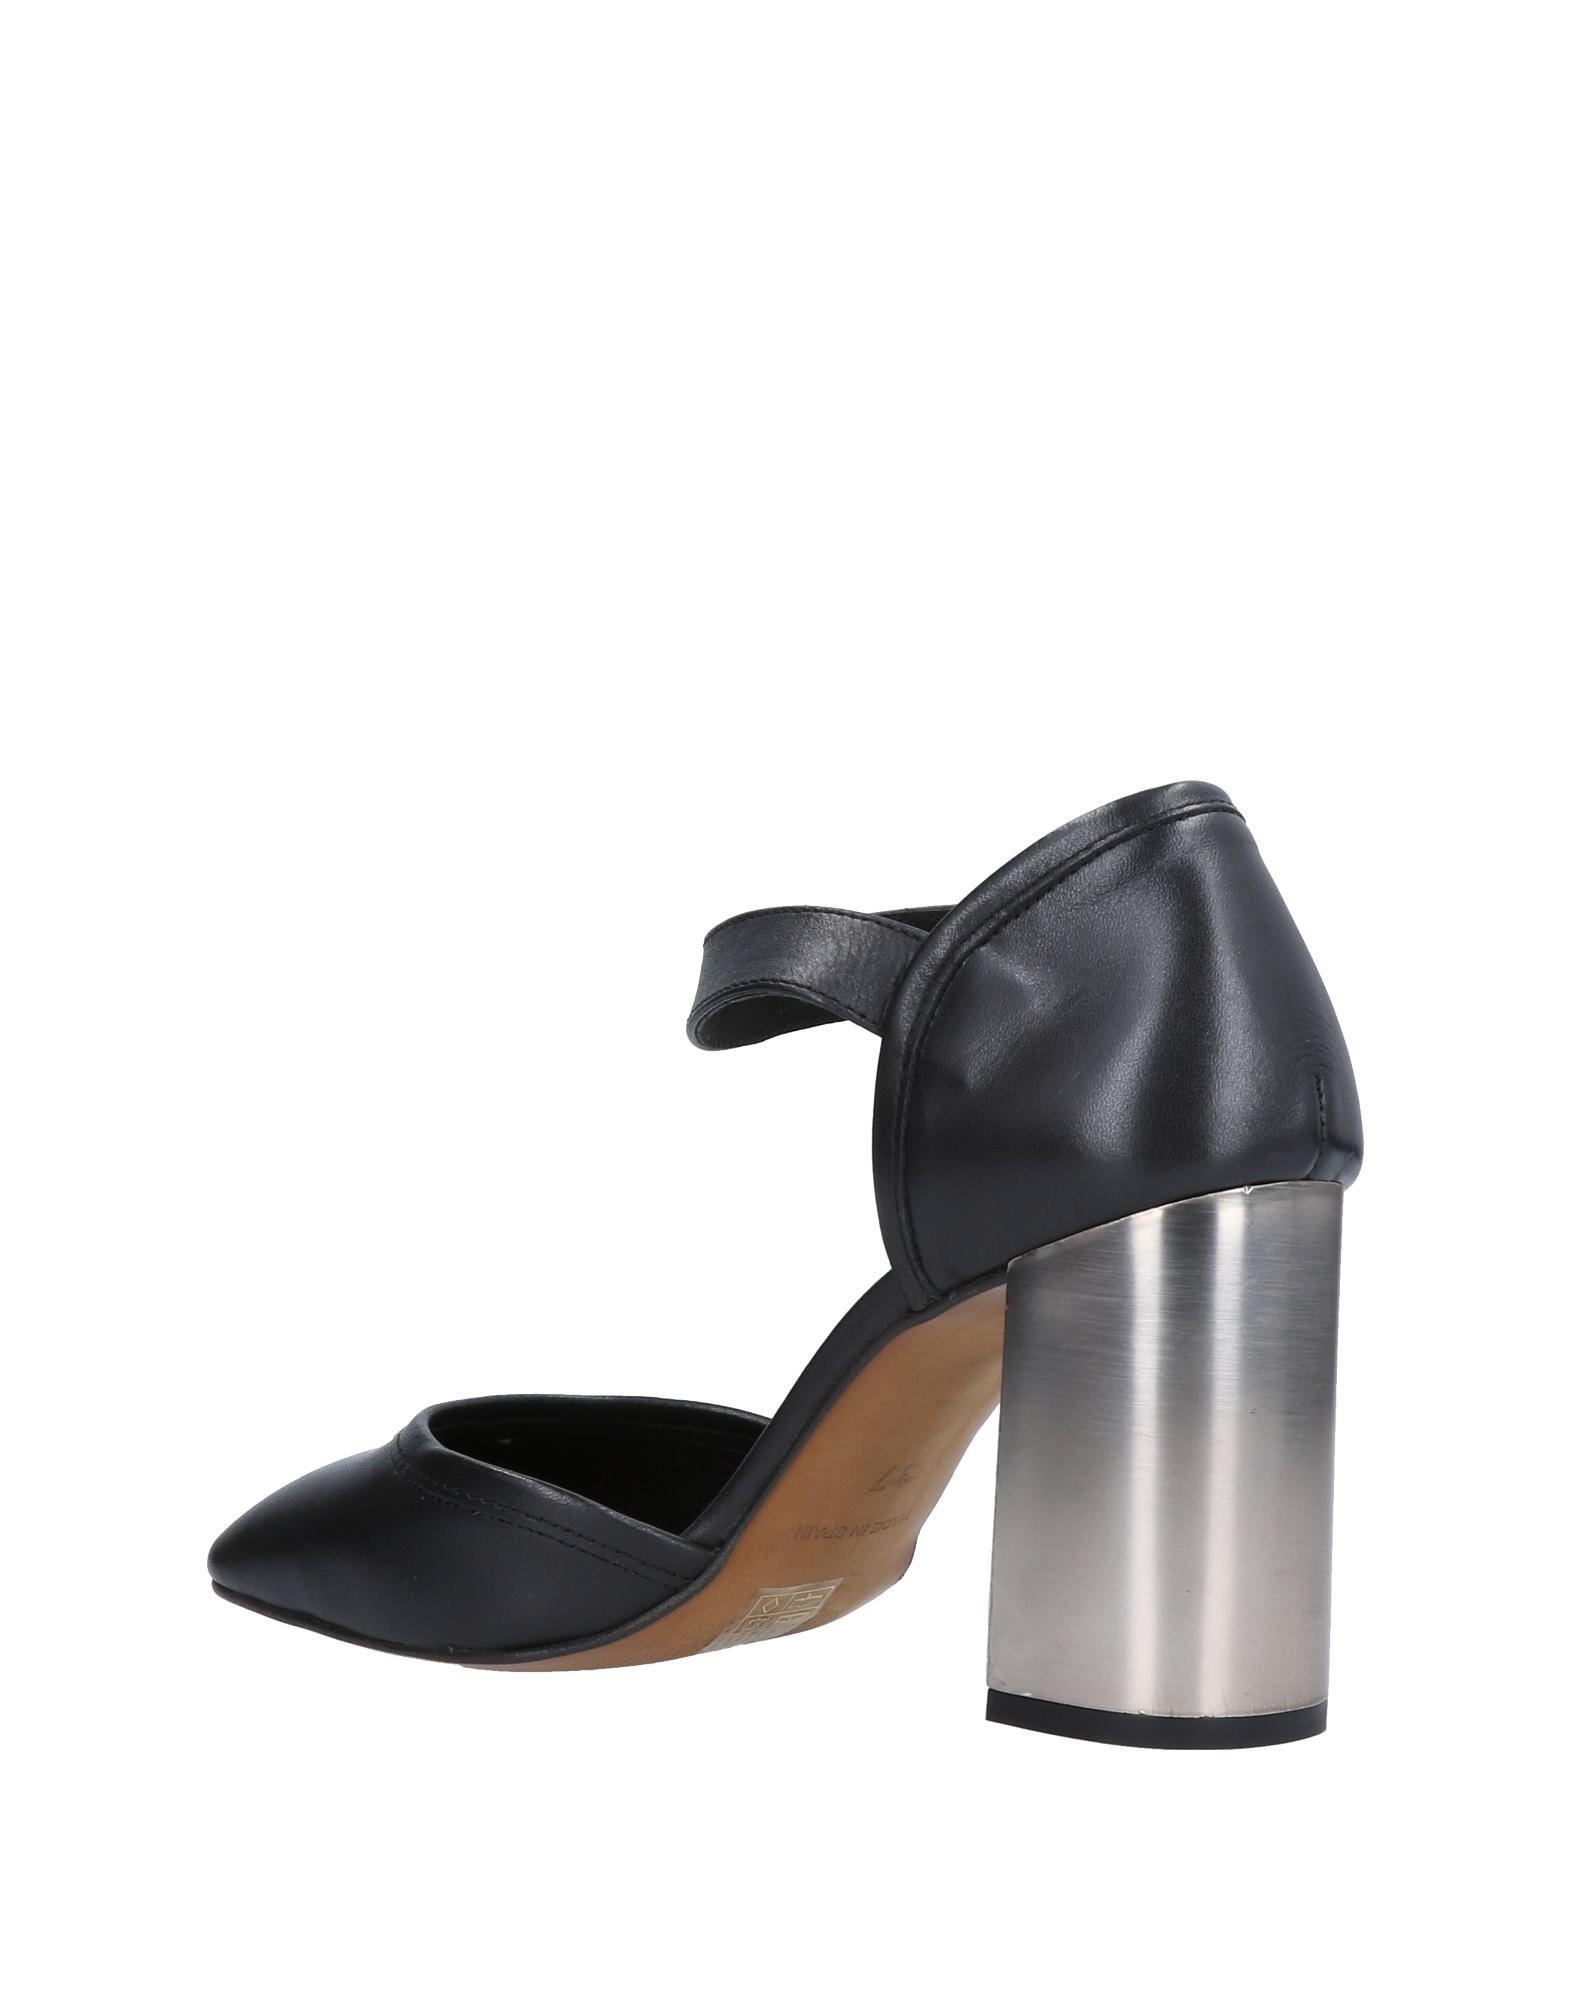 Stilvolle billige Schuhe Damen Cross Walk Pumps Damen Schuhe  11517657KV 96f69d